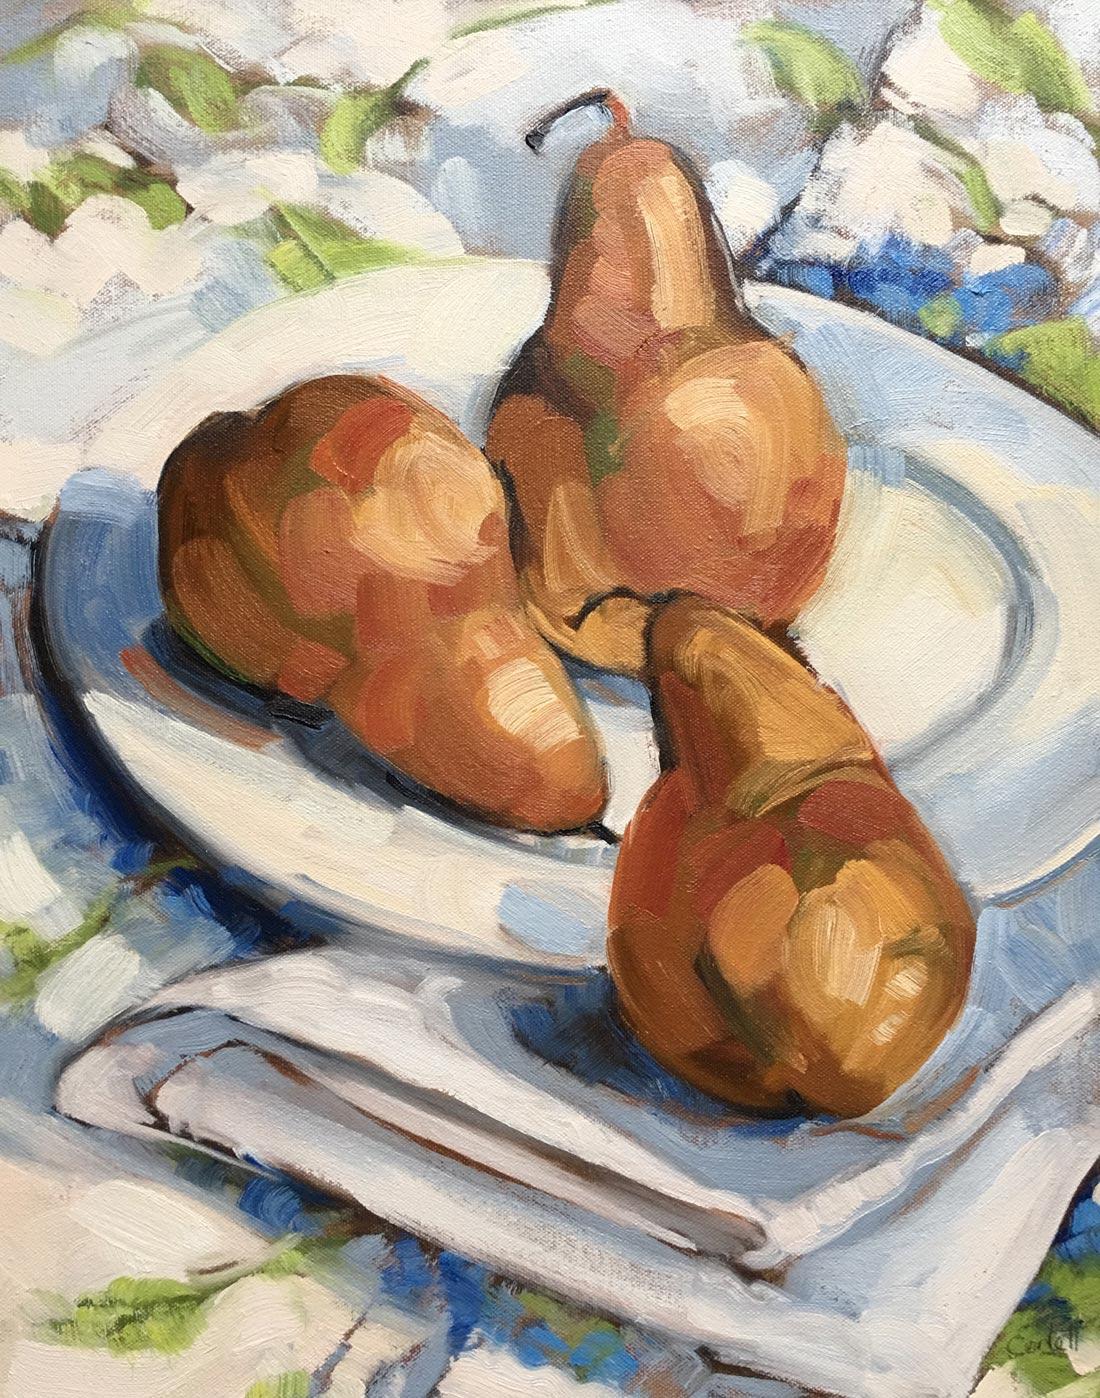 pears for breakfast